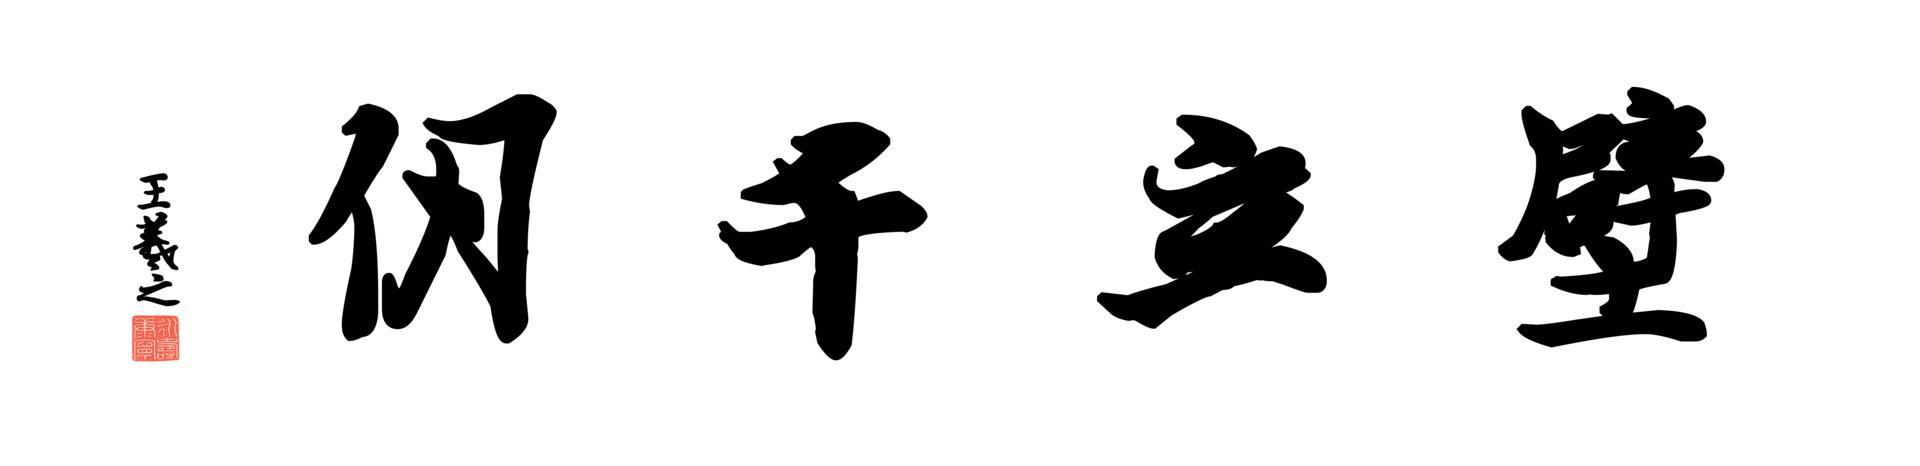 0004_王羲之兰亭体数字书法-四字横幅壁立千仞136x33cm_21417x5197PX_TIF_400DPI_326_0